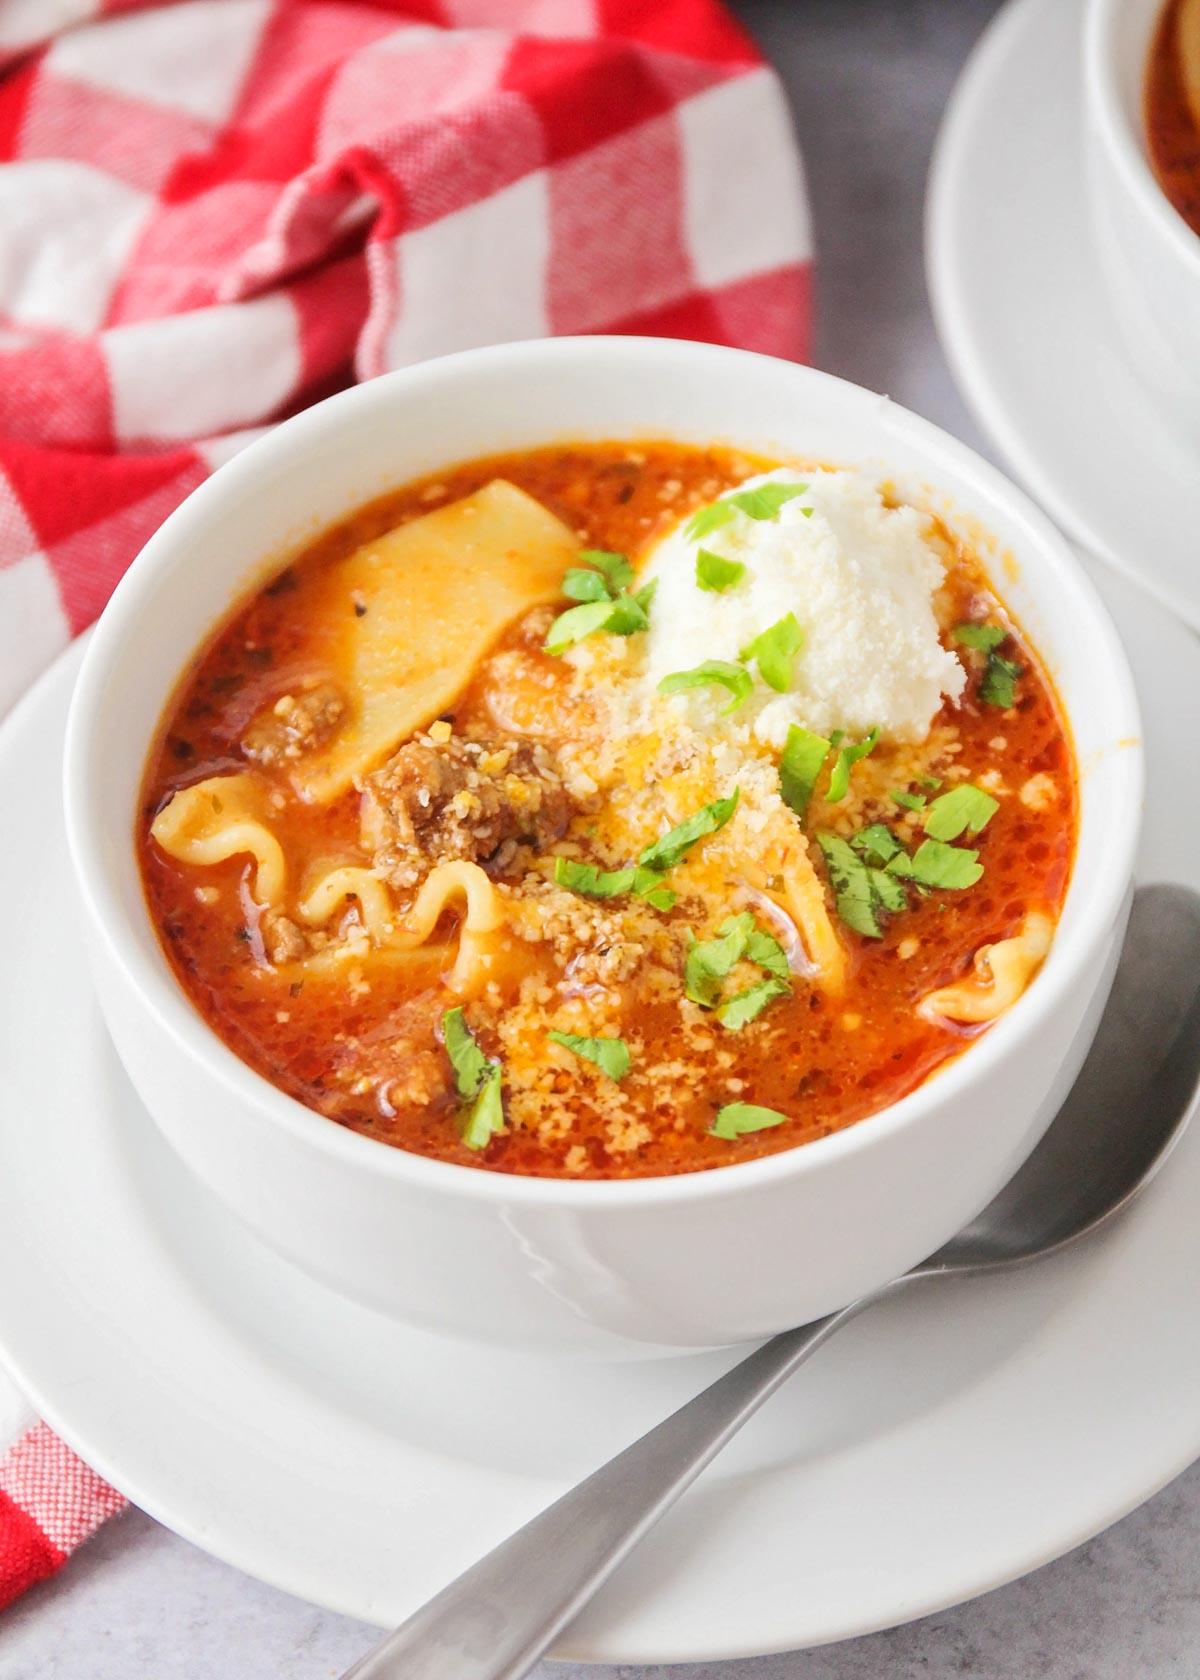 Instant Pot Lasagna Soup in a white bowl